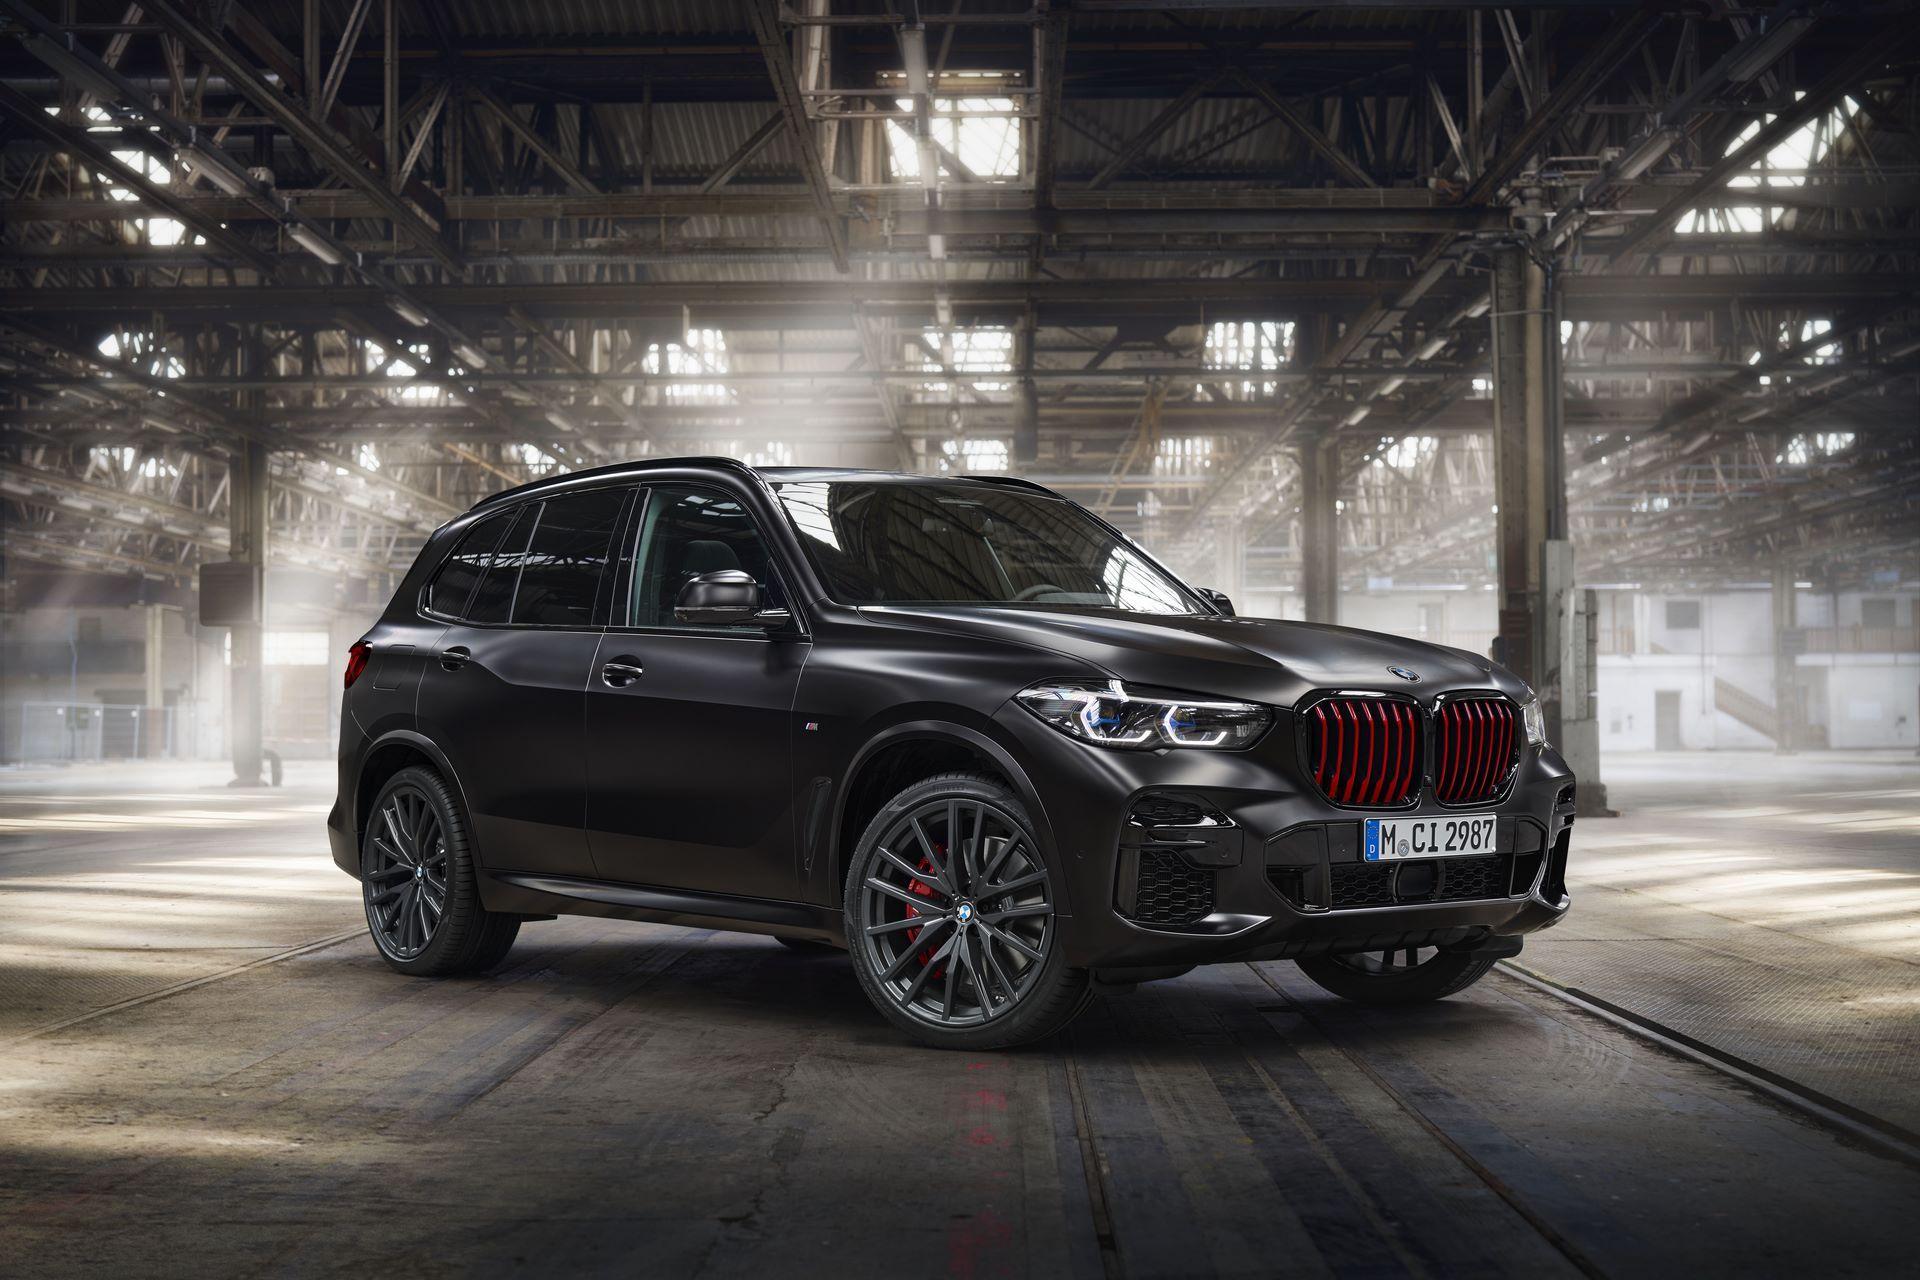 BMW-X5-Χ6-Black-Vermilion-X7-Limited-Edition-4